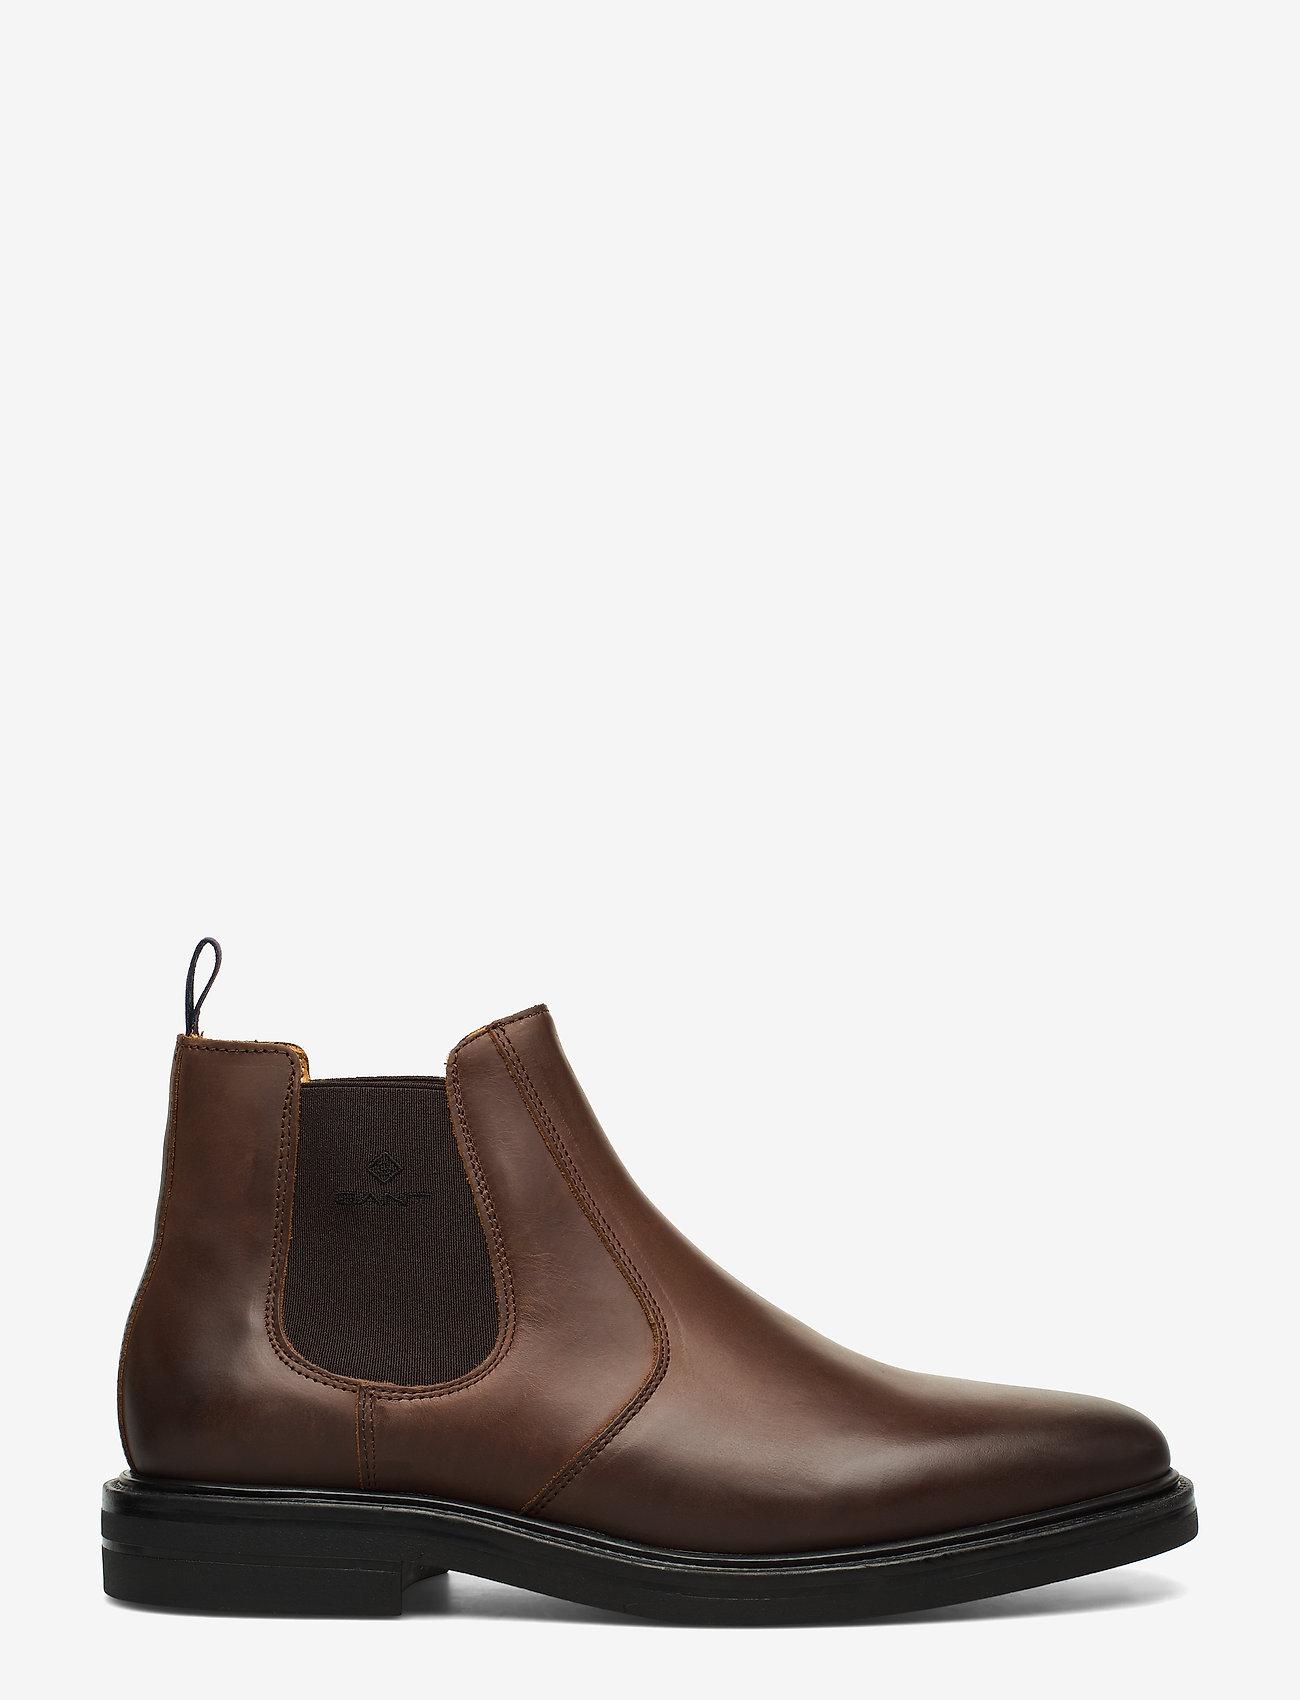 Gant Fargo Chelsea - Boots Dark Brown